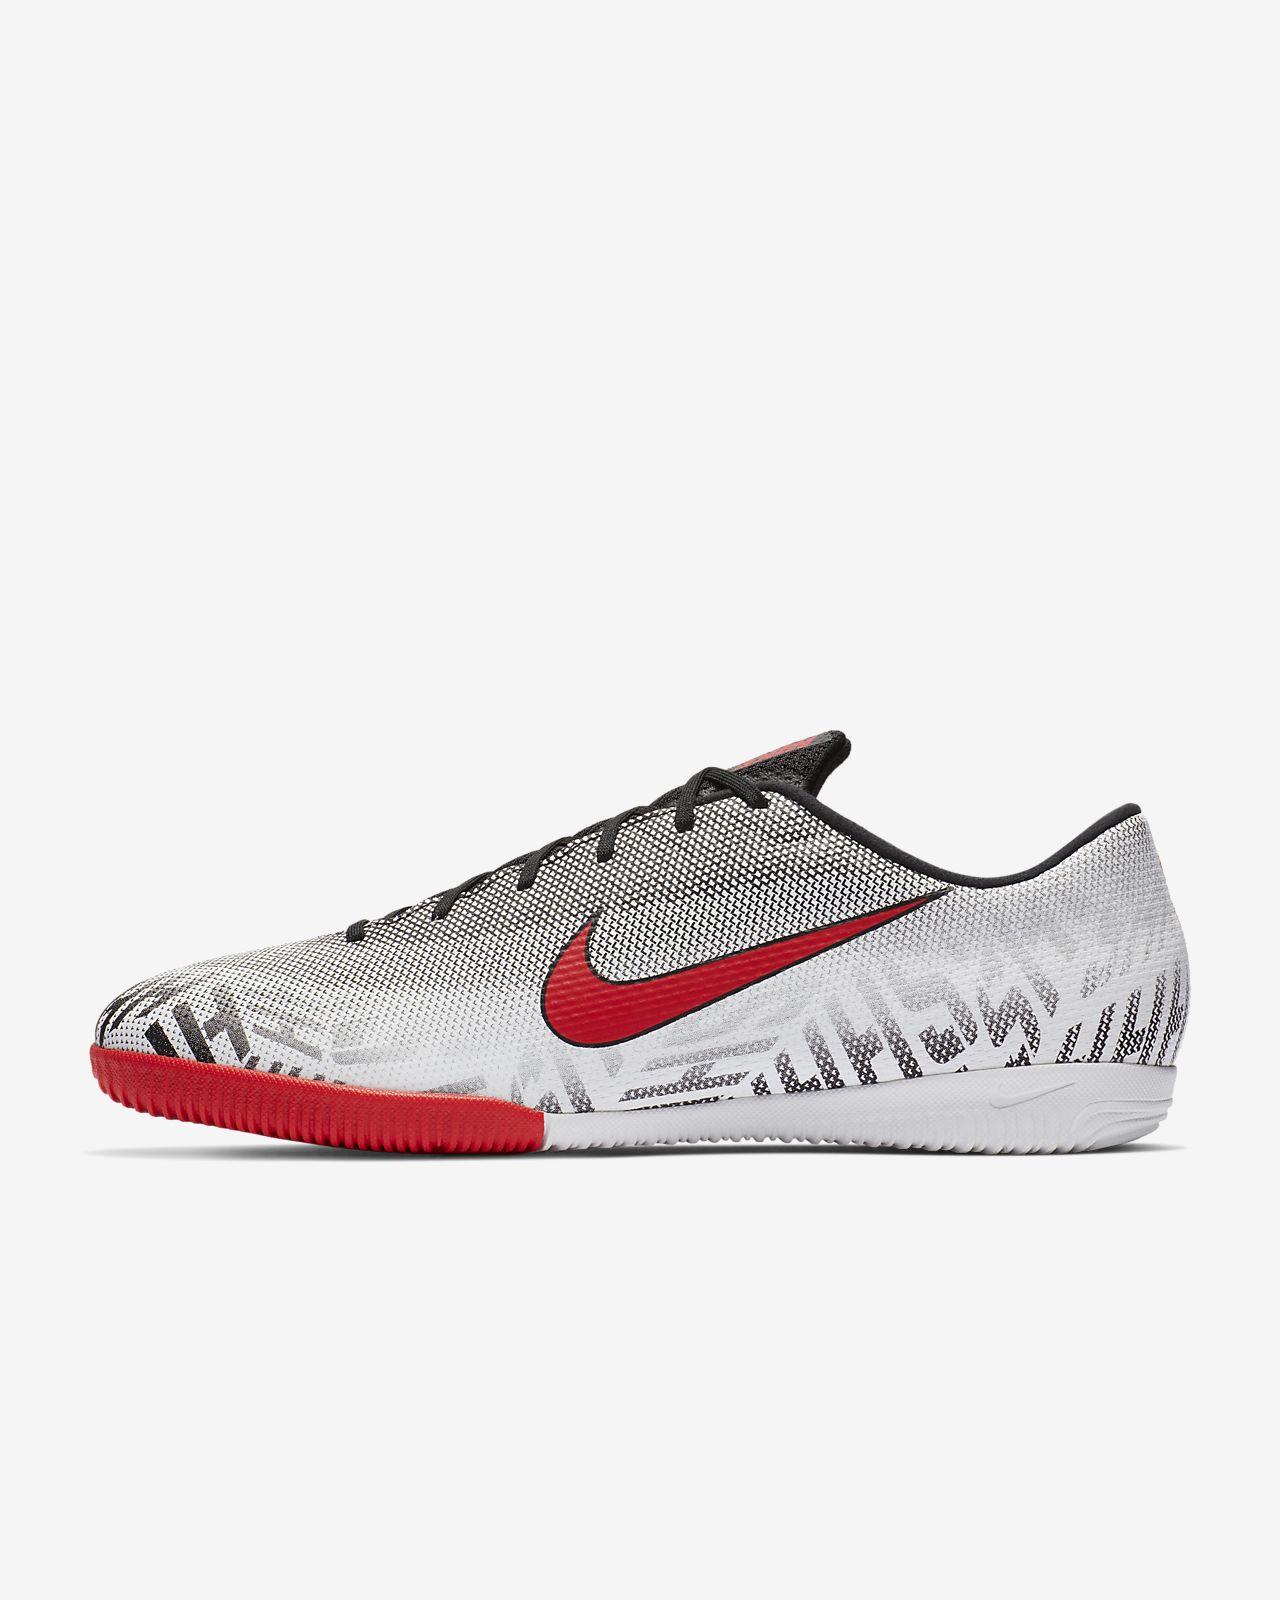 Nike Mercurial Vapor XII Academy Neymar Jr. Indoor/Court Football Shoe